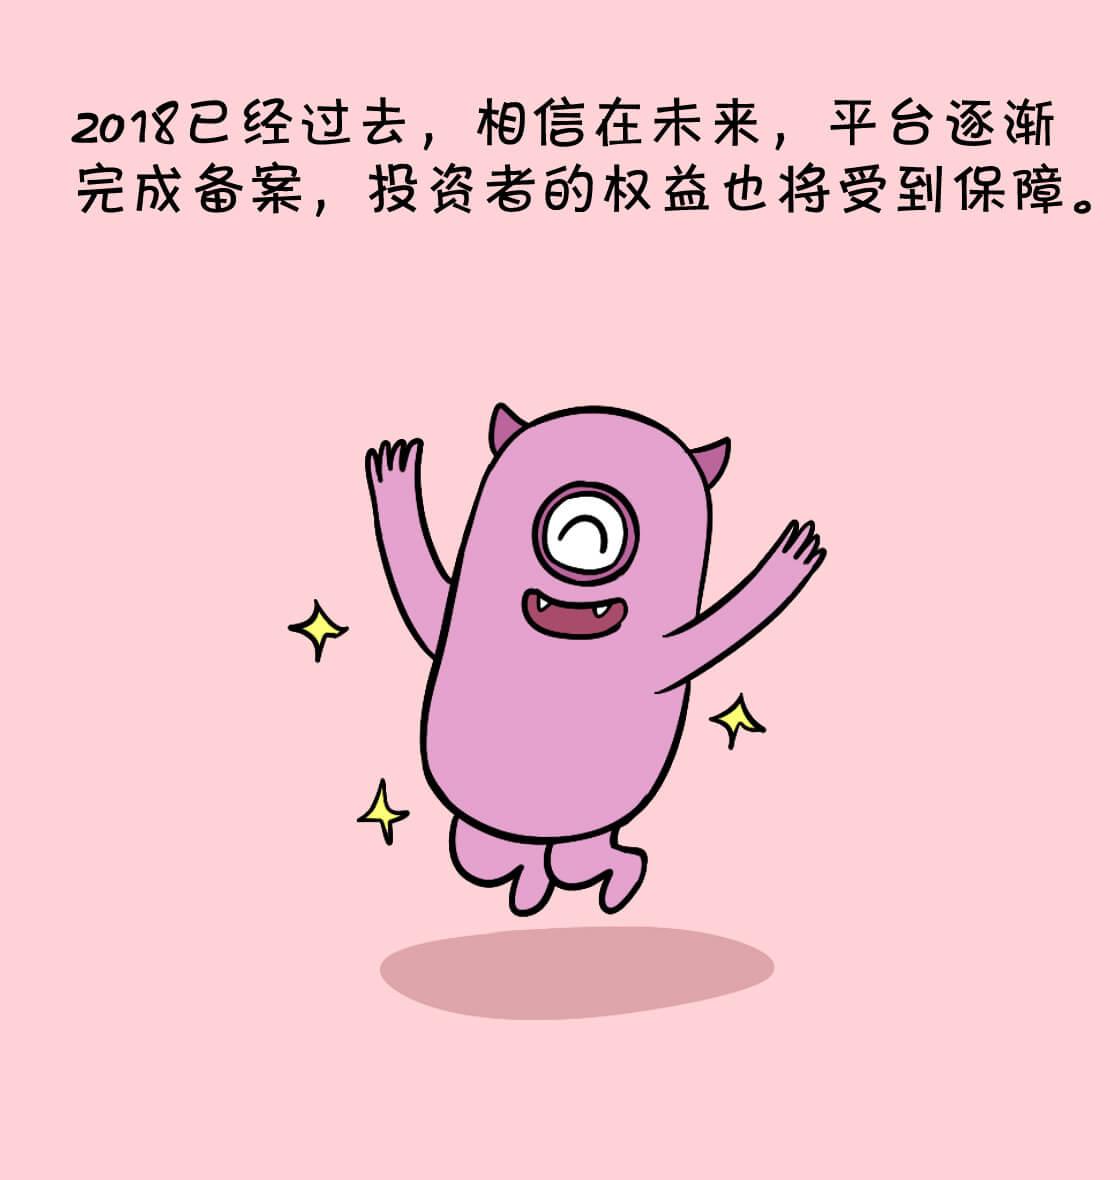 """【小天漫画】2018年度""""奇葩""""平台奖项揭晓14"""